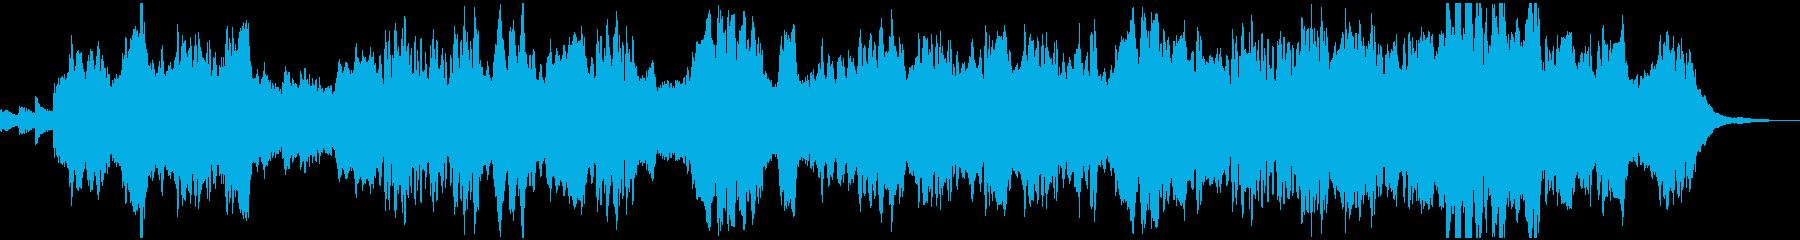 フルートとオーボエの優雅なBGMの再生済みの波形